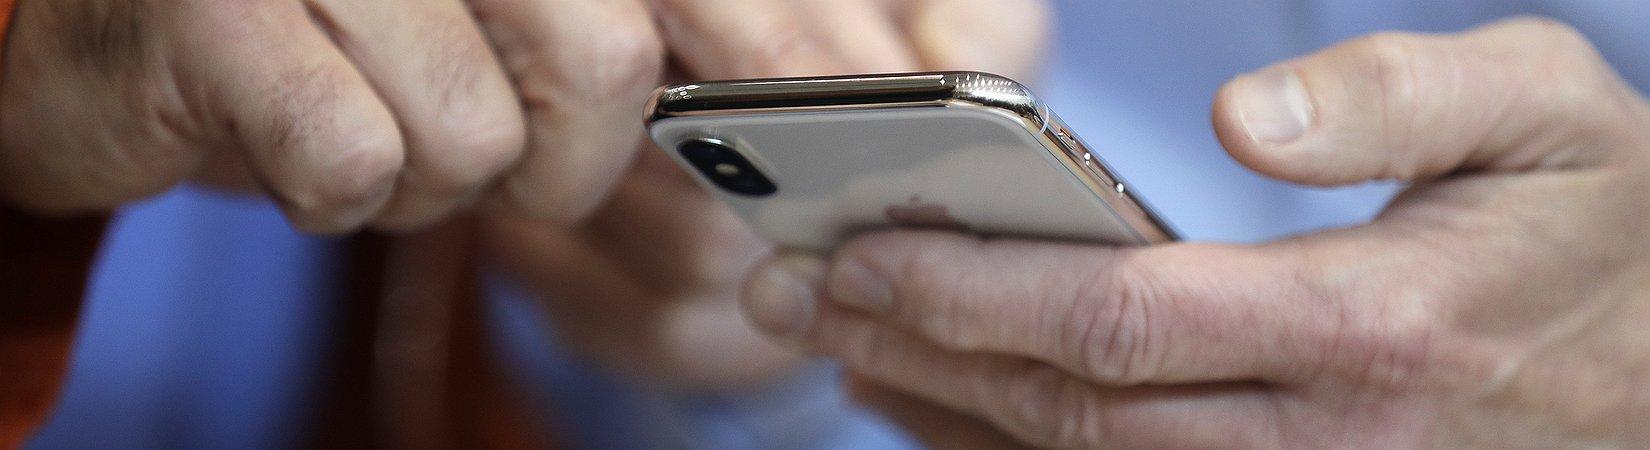 Apple empieza a aceptar pre-pedidos del iPhone X